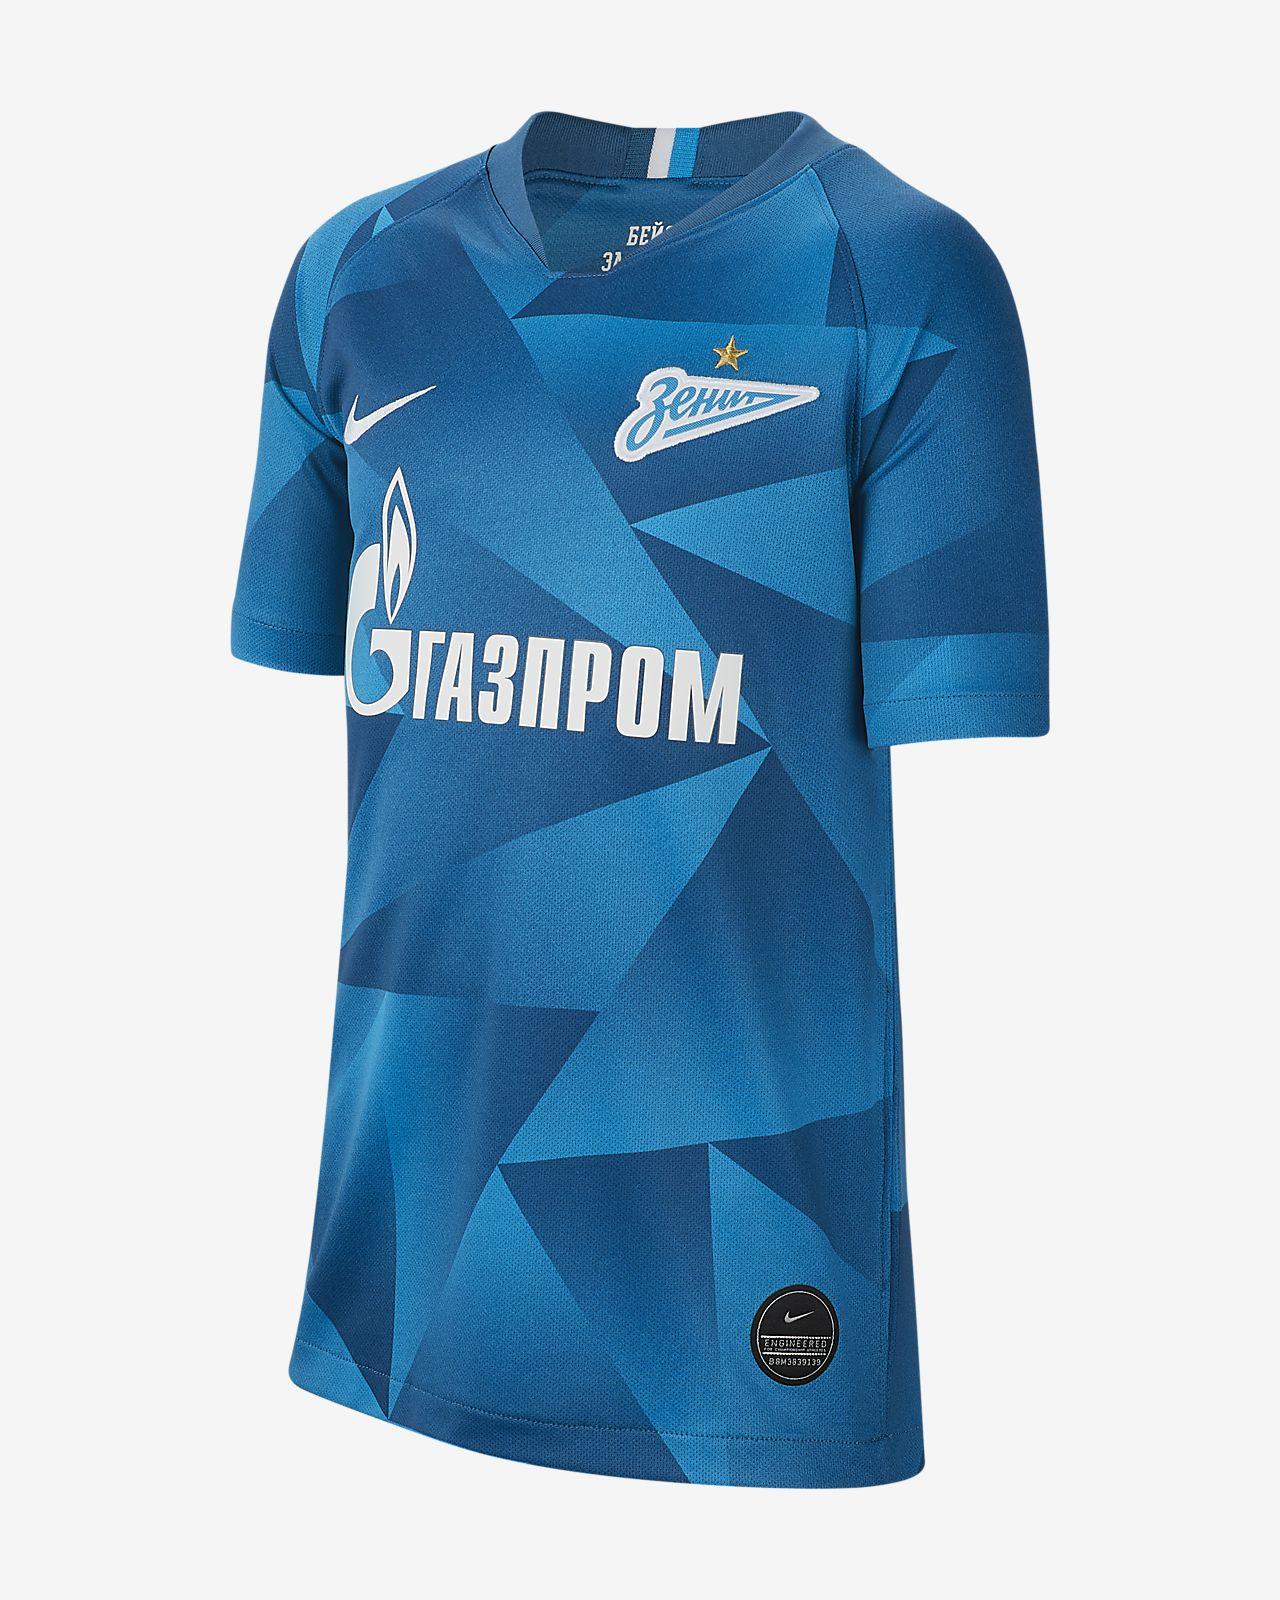 Zenit Saint Petersburg 2019/20 Stadium Home fotballdrakt til store barn